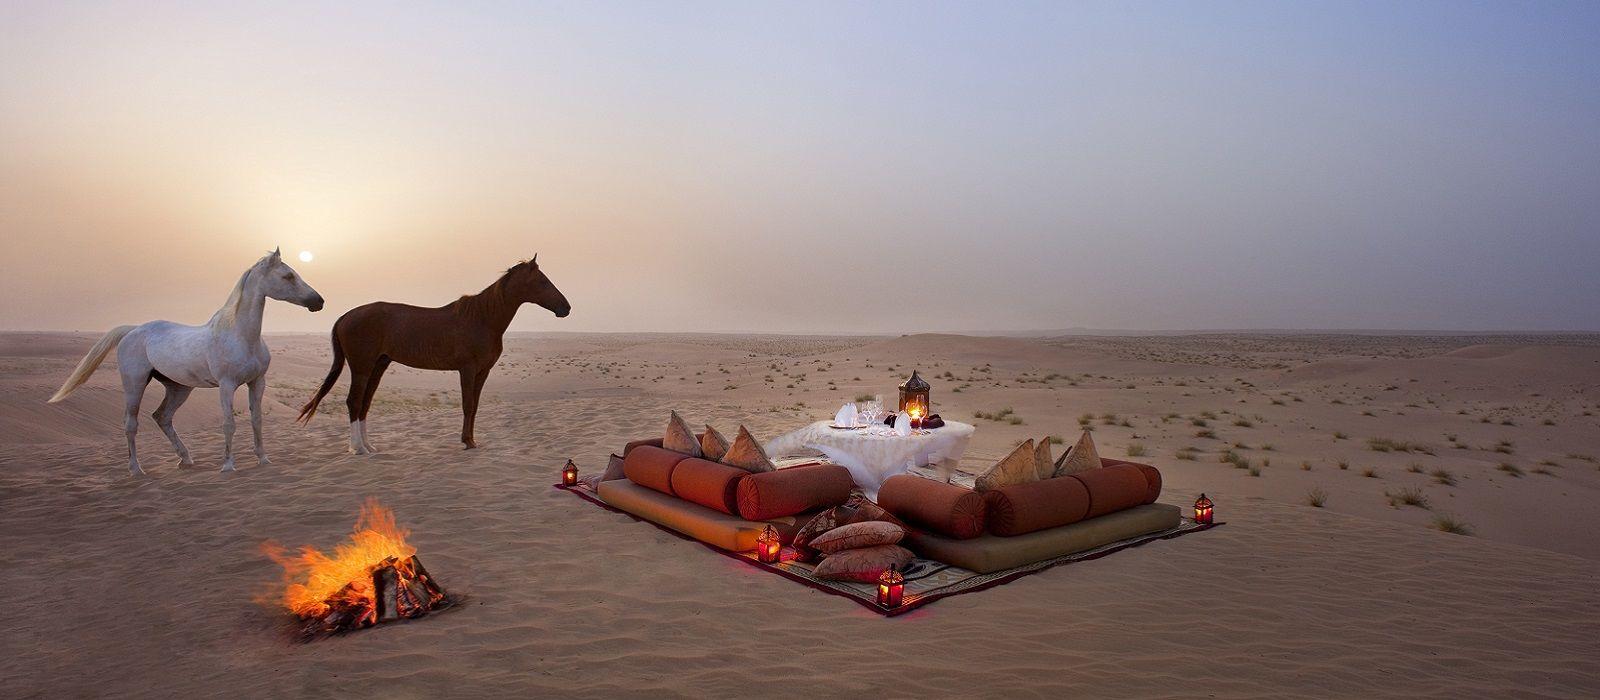 Surreal Sands: Dubai & Maldives Tour Trip 5